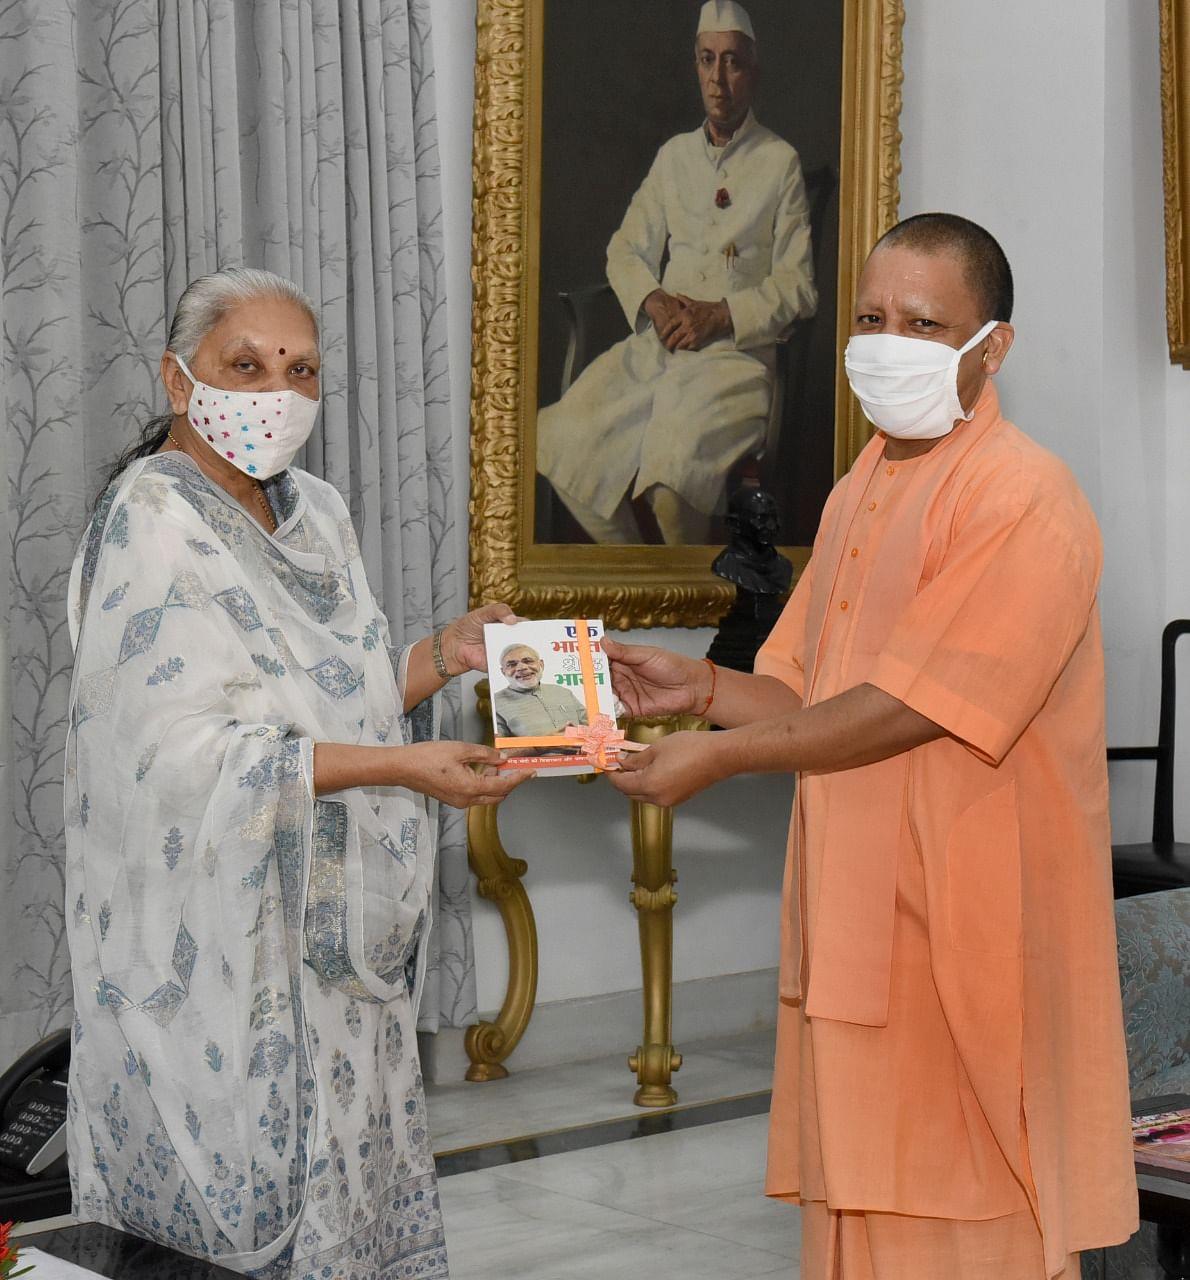 मुख्यमंत्री योगी ने प्रधानमंत्री मोदी के जन्मदिन पर राज्यपाल आंनदीबेन को पुस्तक की भेंट